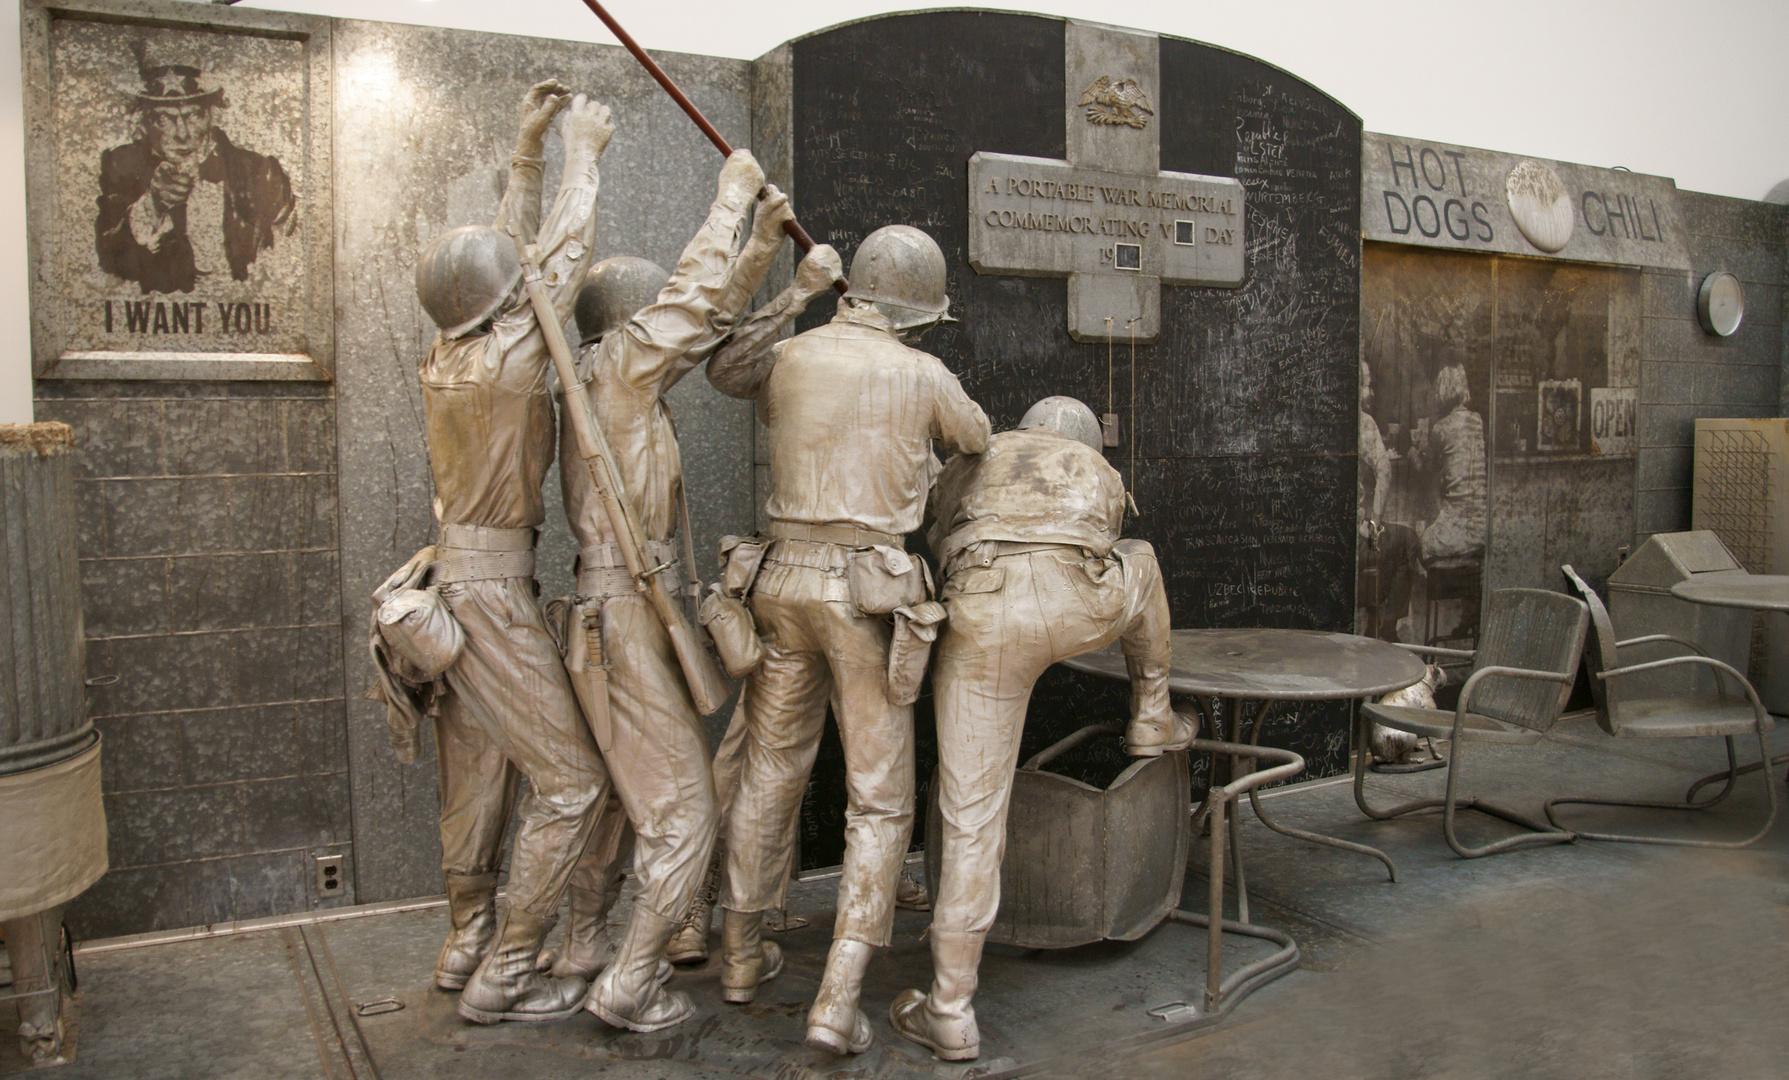 Es gibt nichts, was Krieg erreicht hätte, das nicht besser ohne Krieg erreicht worden wäre.